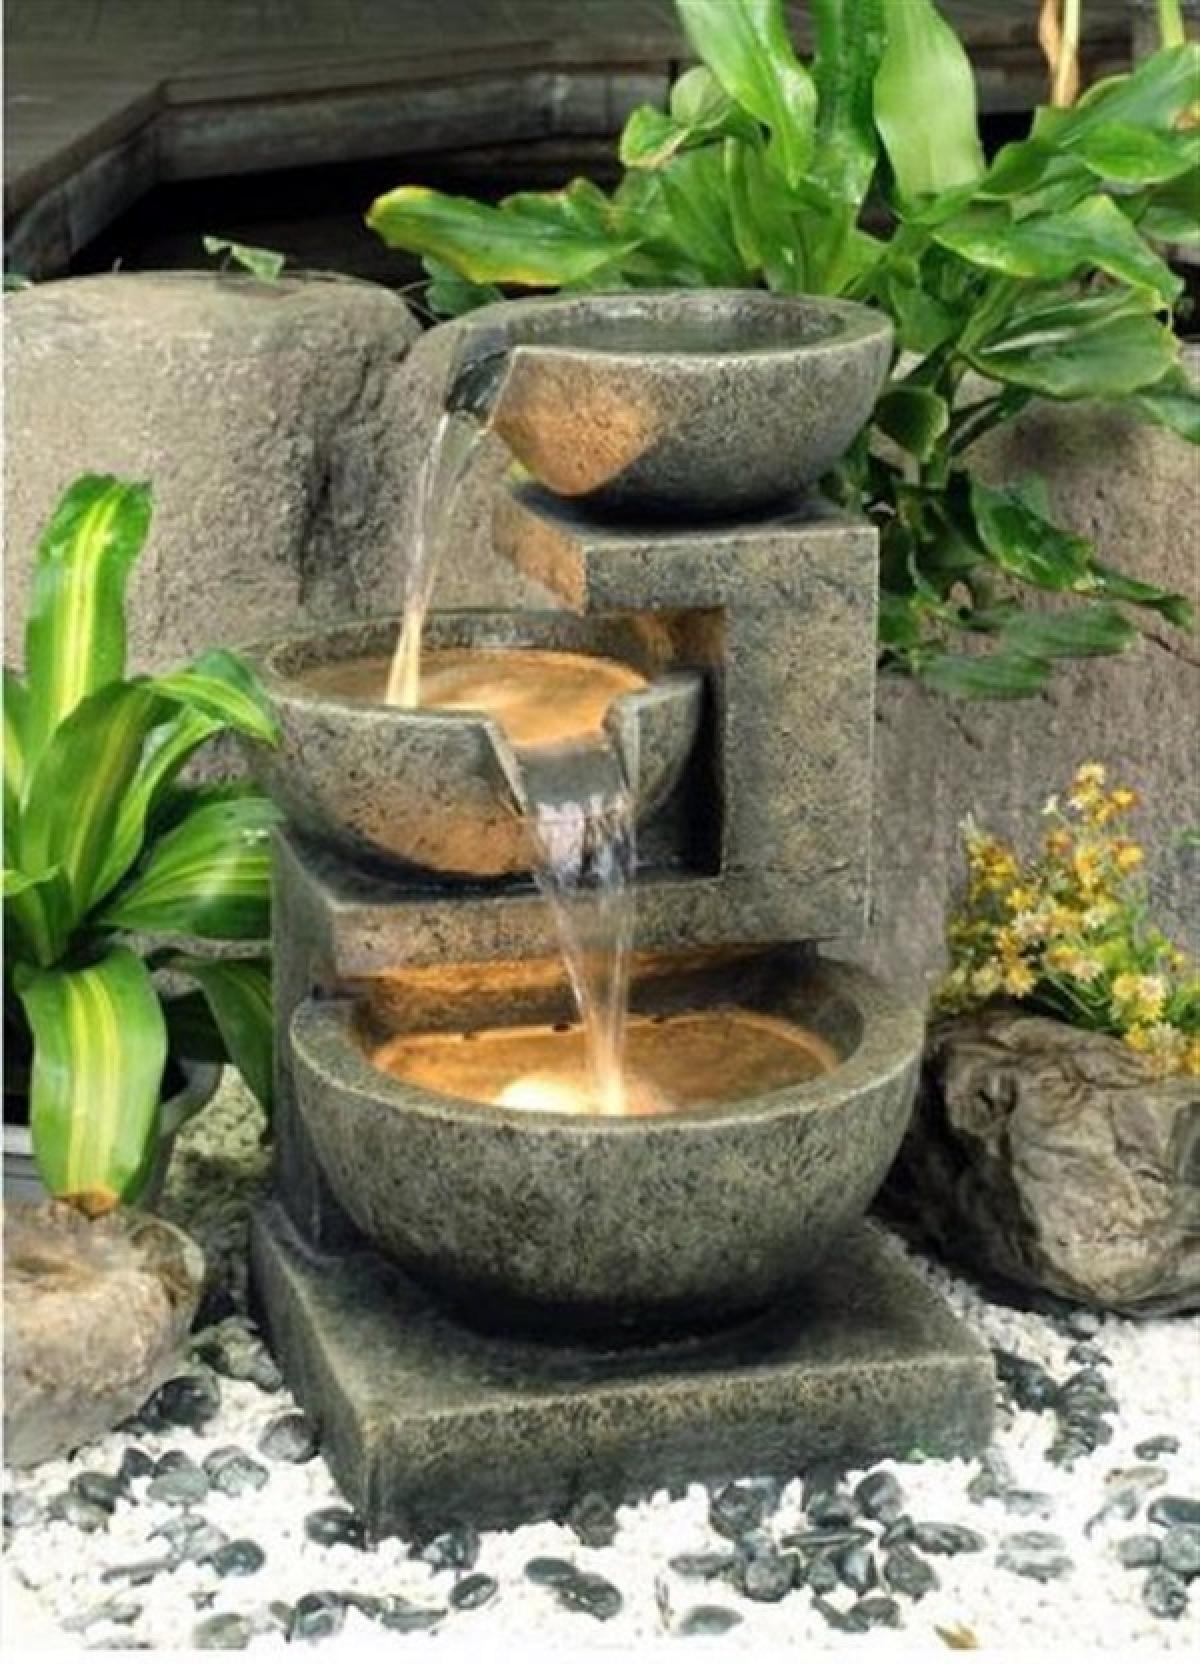 Tiếng róc rách của nước có tác dụng rất lớn trong việc làm dịu tâm trí.